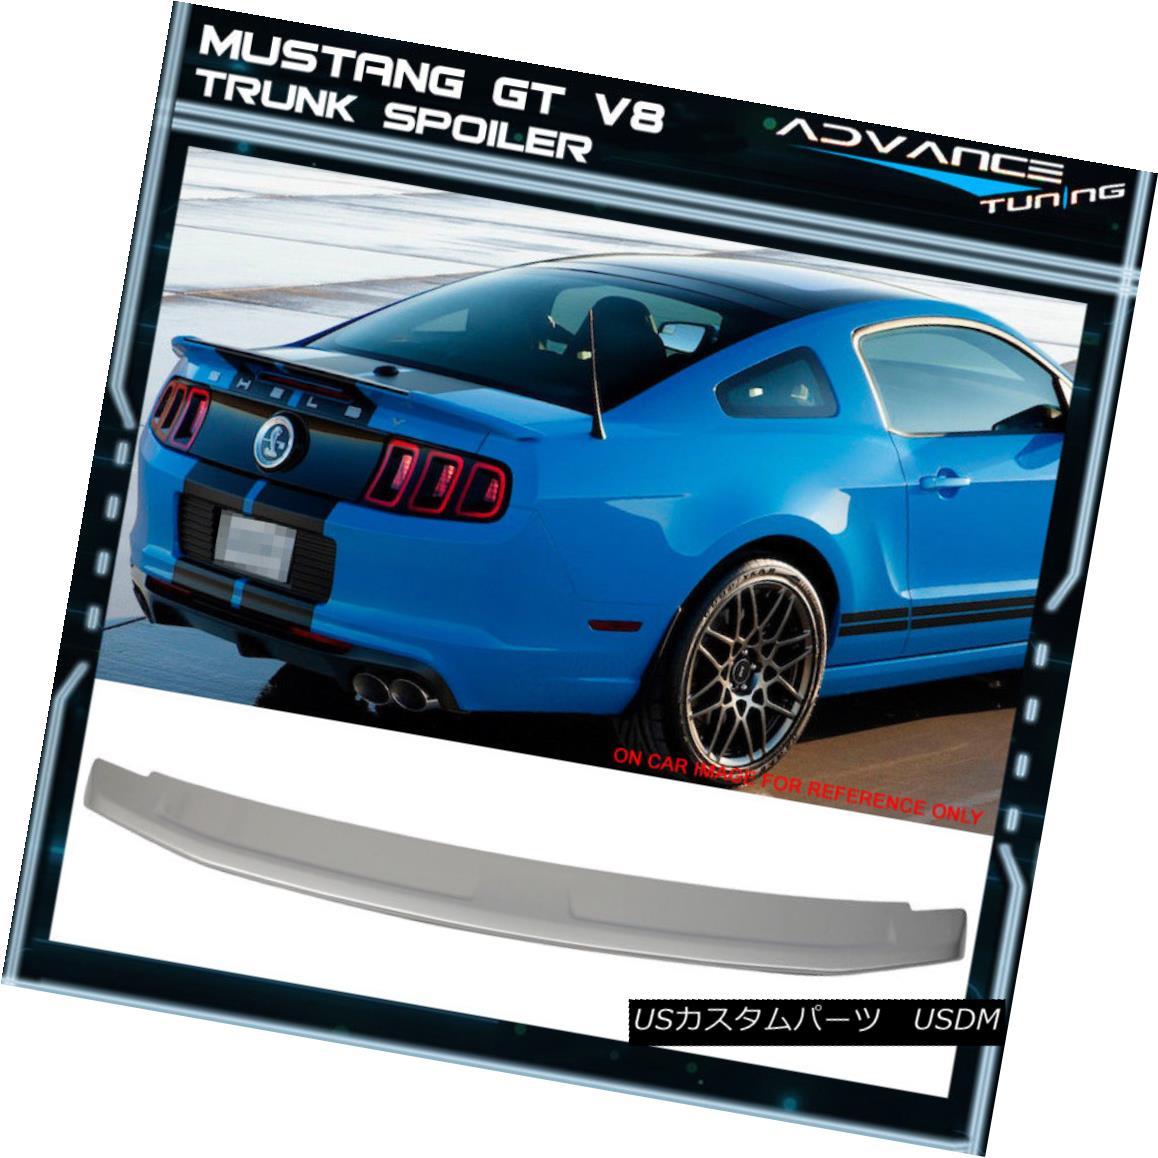 エアロパーツ Fits 10-14 Mustang GT V8 OE Factory Trunk Spoiler Painted Brilliant Sliver #UI 10-14 Mustang GT V8 OEファクトリートランク・スポイラー・ペイントブリリアント・スライバー#UI